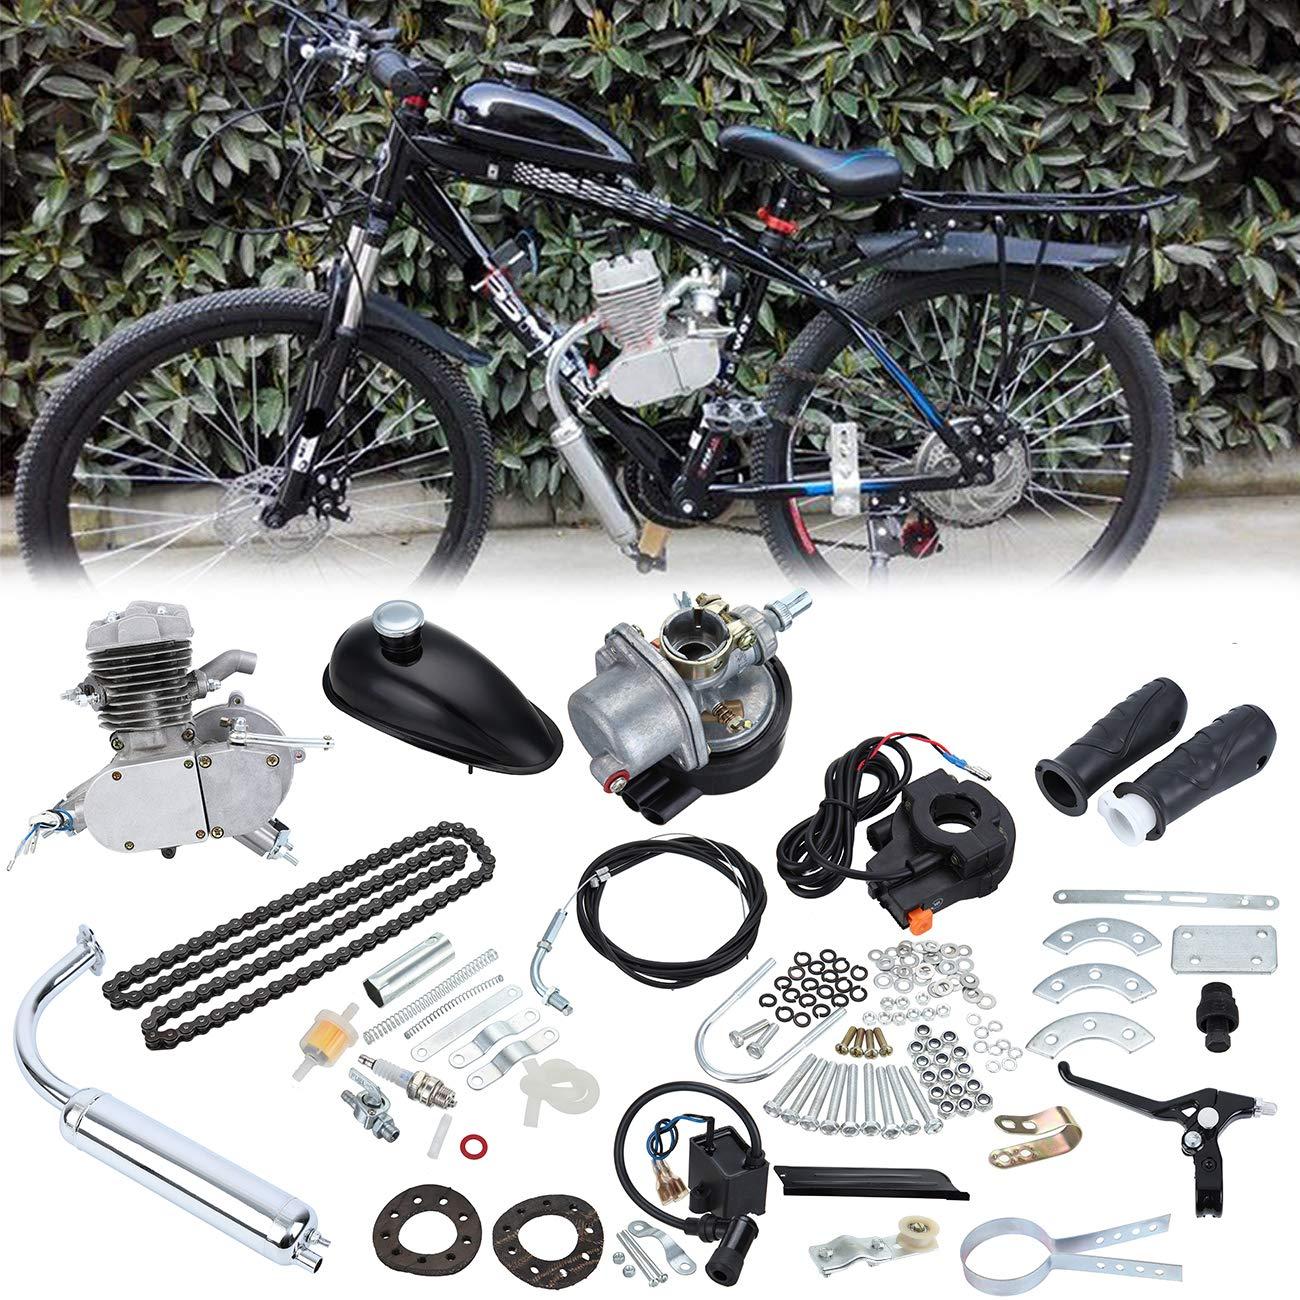 Sange Kit de conversió n del motor de gasolina y gasolina del ciclo del pedal de 2 tiempos Kit de motor motorizado de refrigeració n por aire para bicicletas motorizadas (Plata, 50cc)